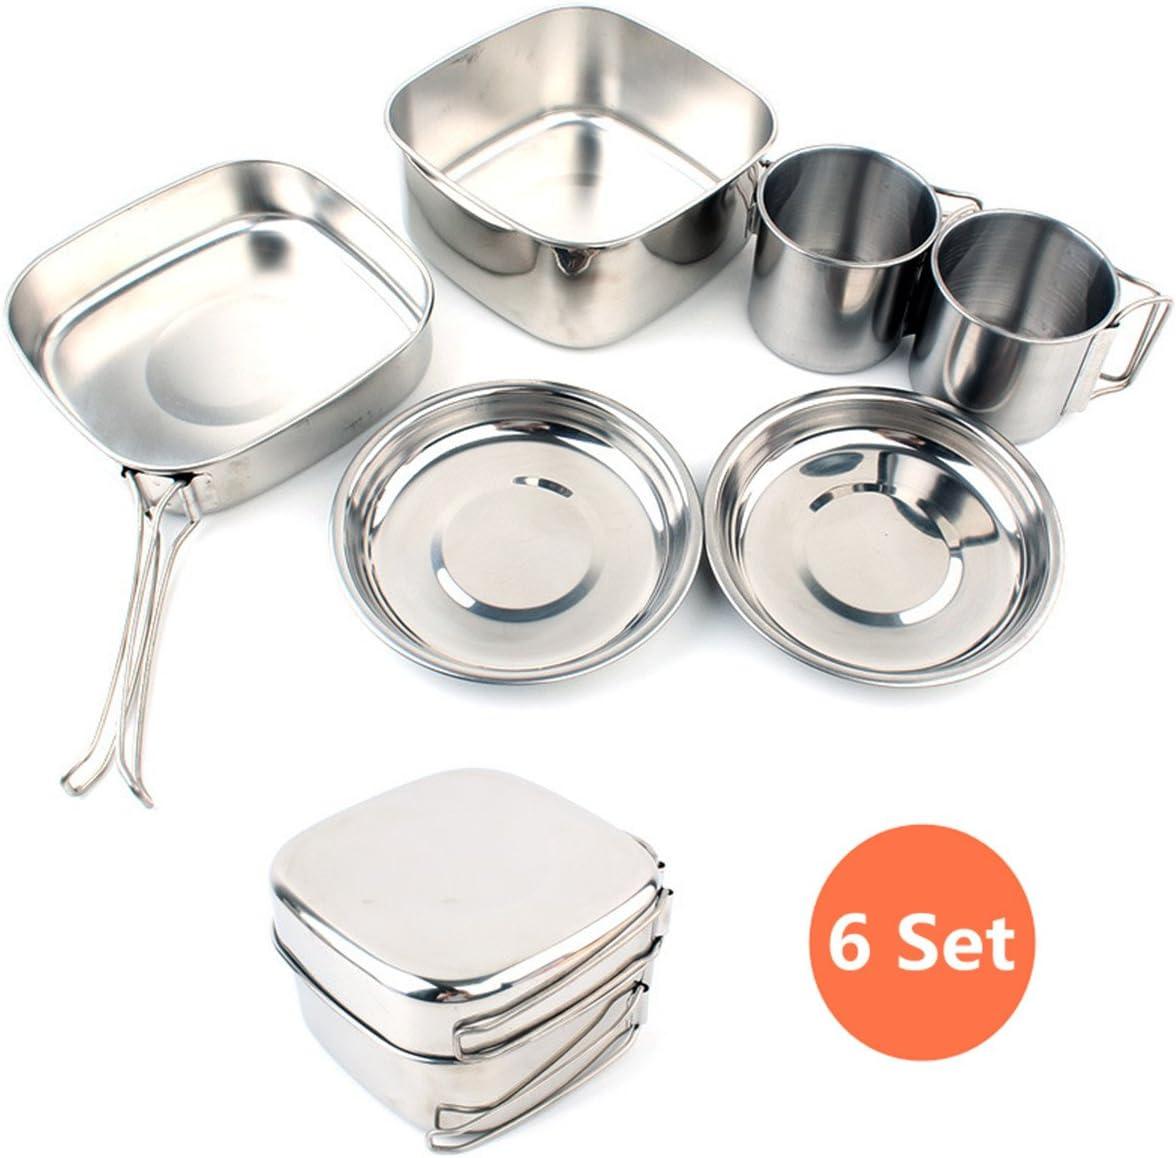 CZ-XING Juego de utensilios de cocina mini para camping de acero inoxidable, juego de 6 piezas para hacer senderismo al aire libre